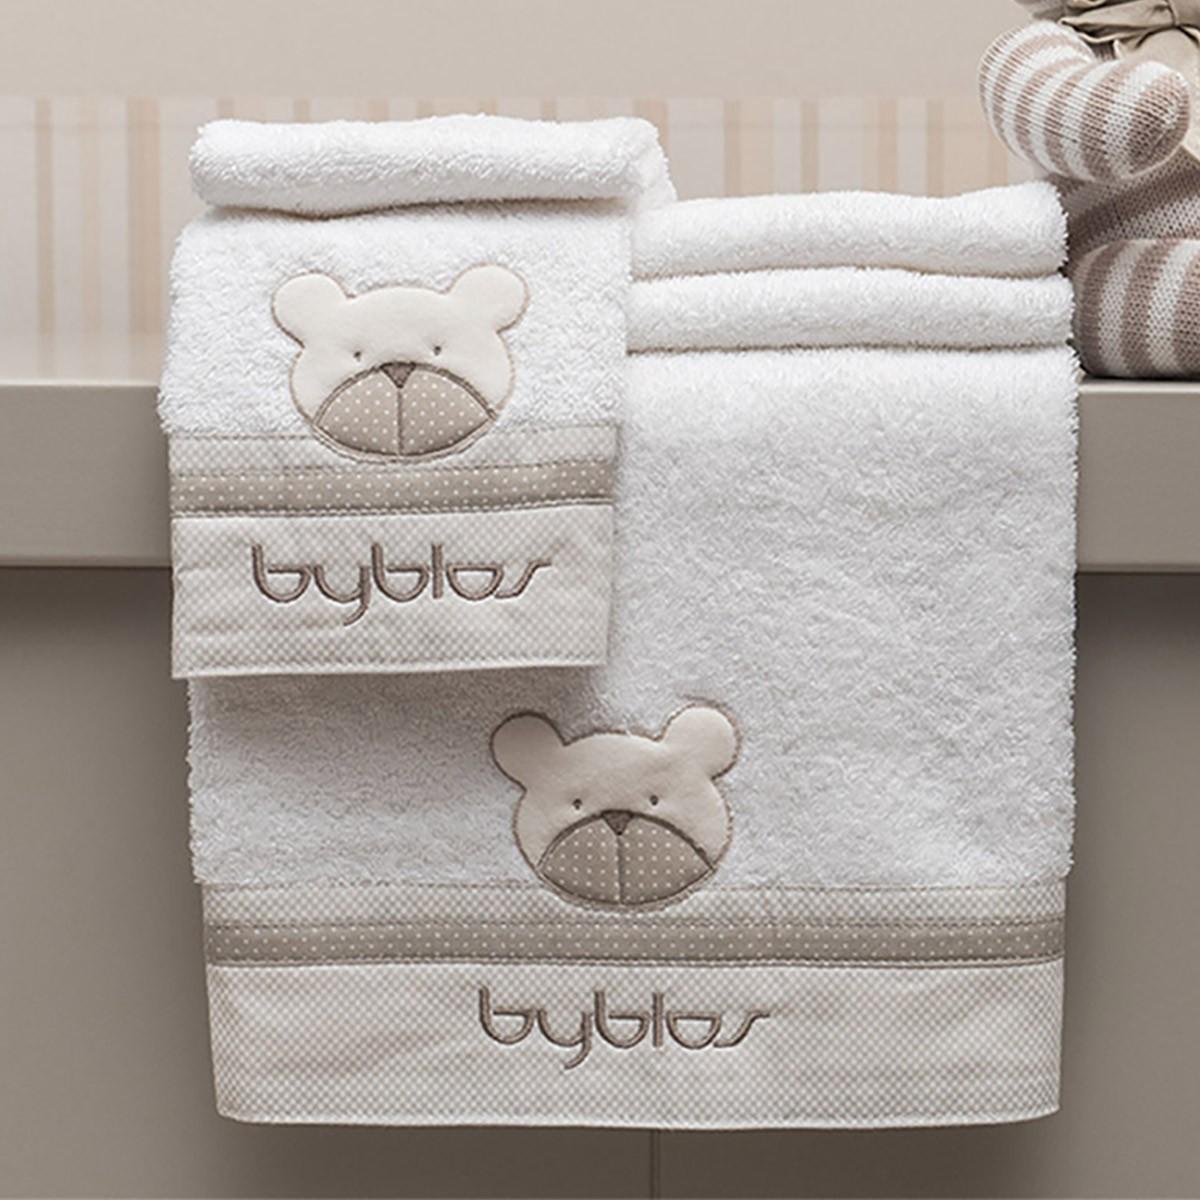 Βρεφικές Πετσέτες (Σετ 2τμχ) Byblos Des 81 Amici Beige